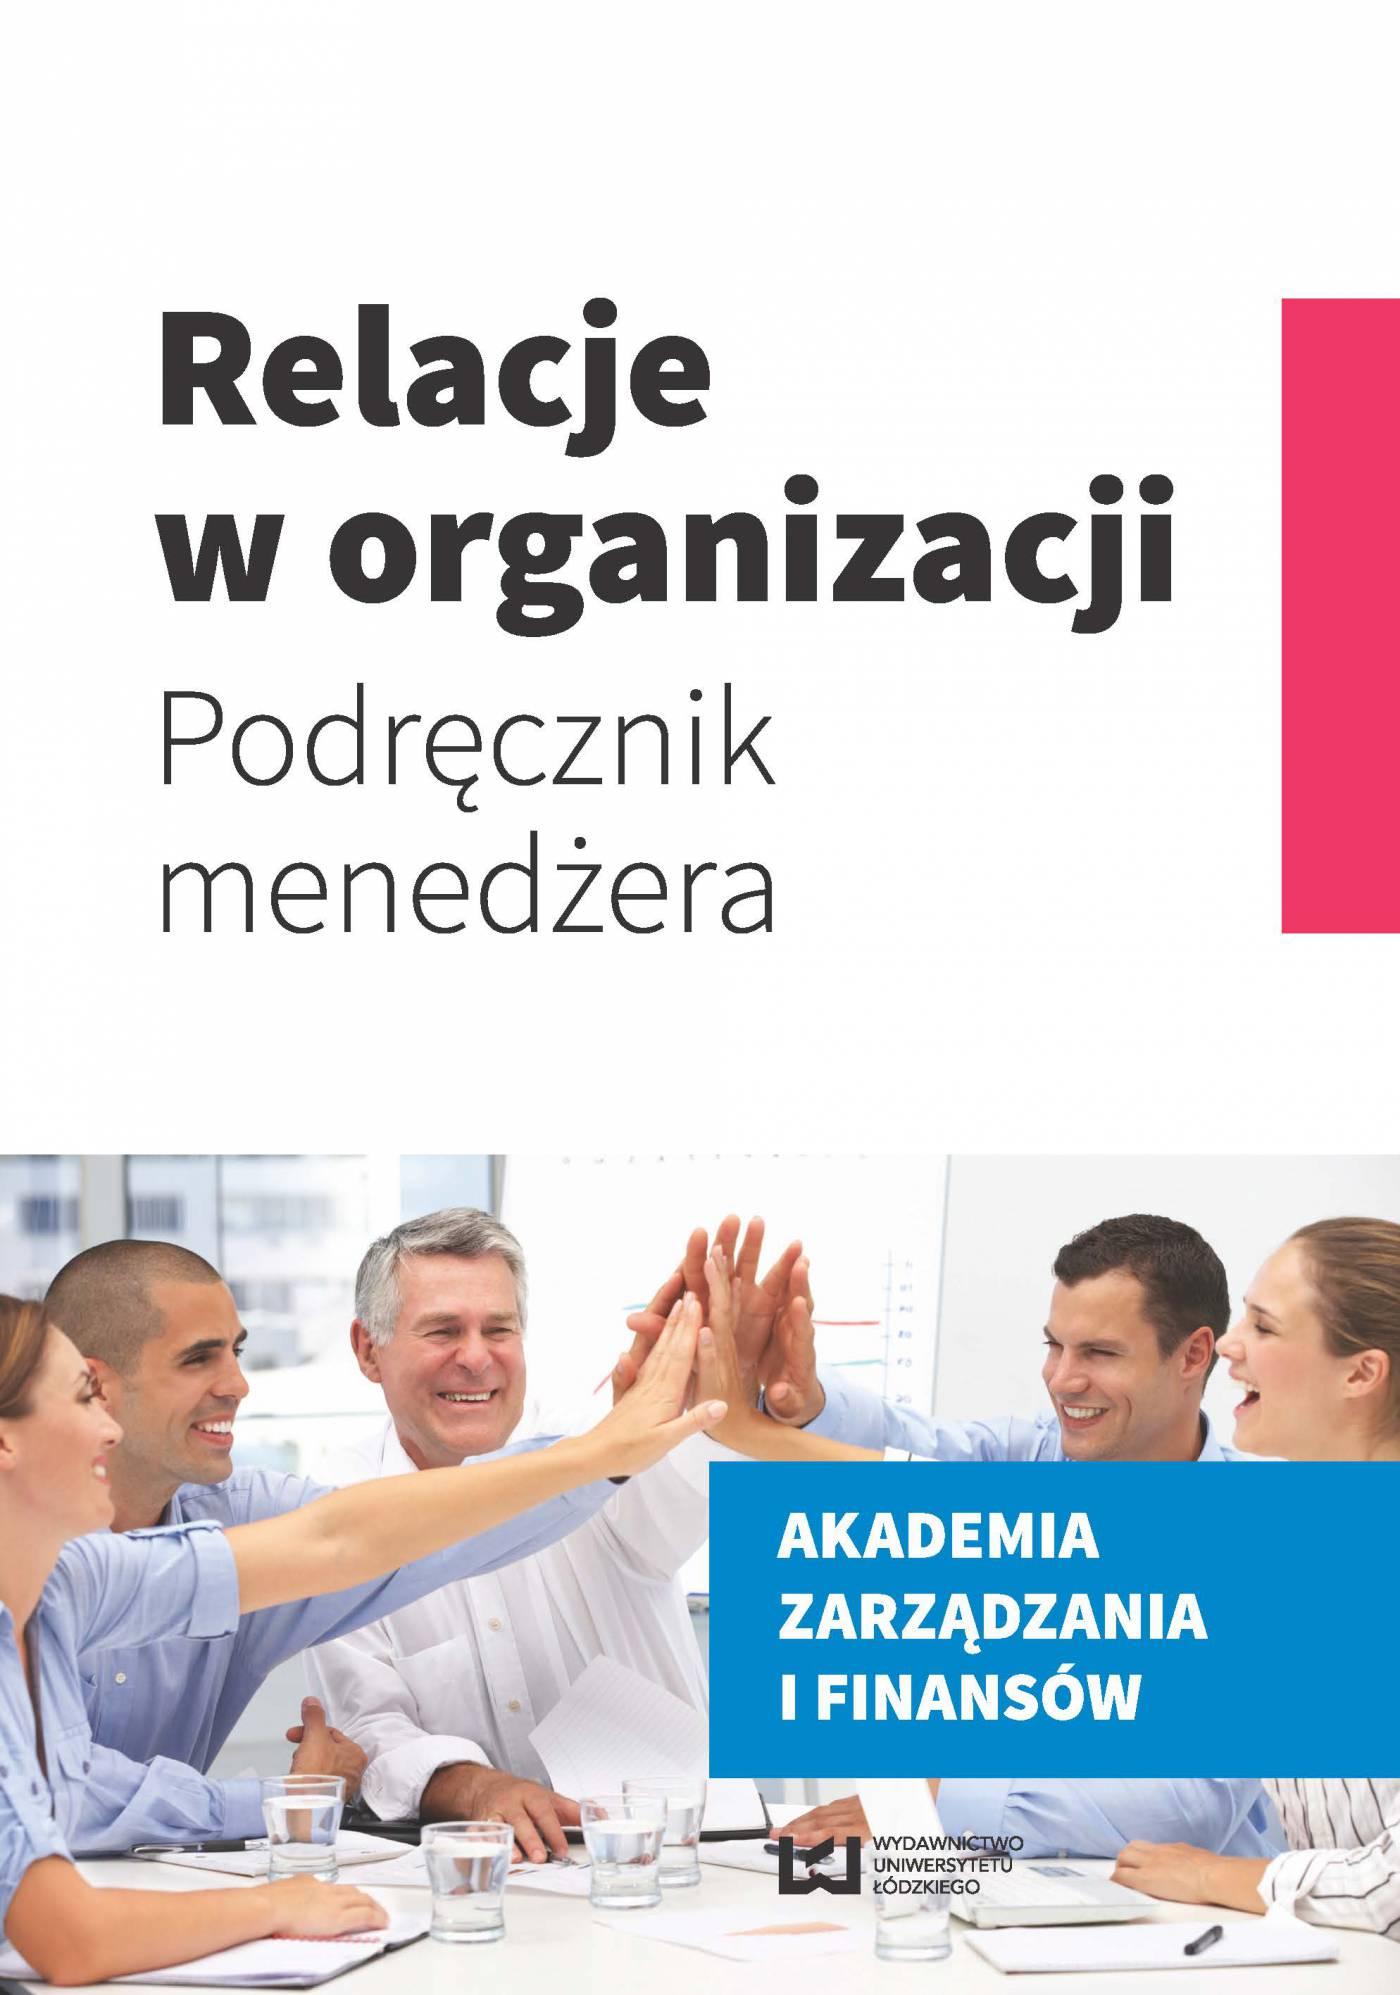 Relacje w organizacji. Podręcznik menedżera - Ebook (Książka PDF) do pobrania w formacie PDF